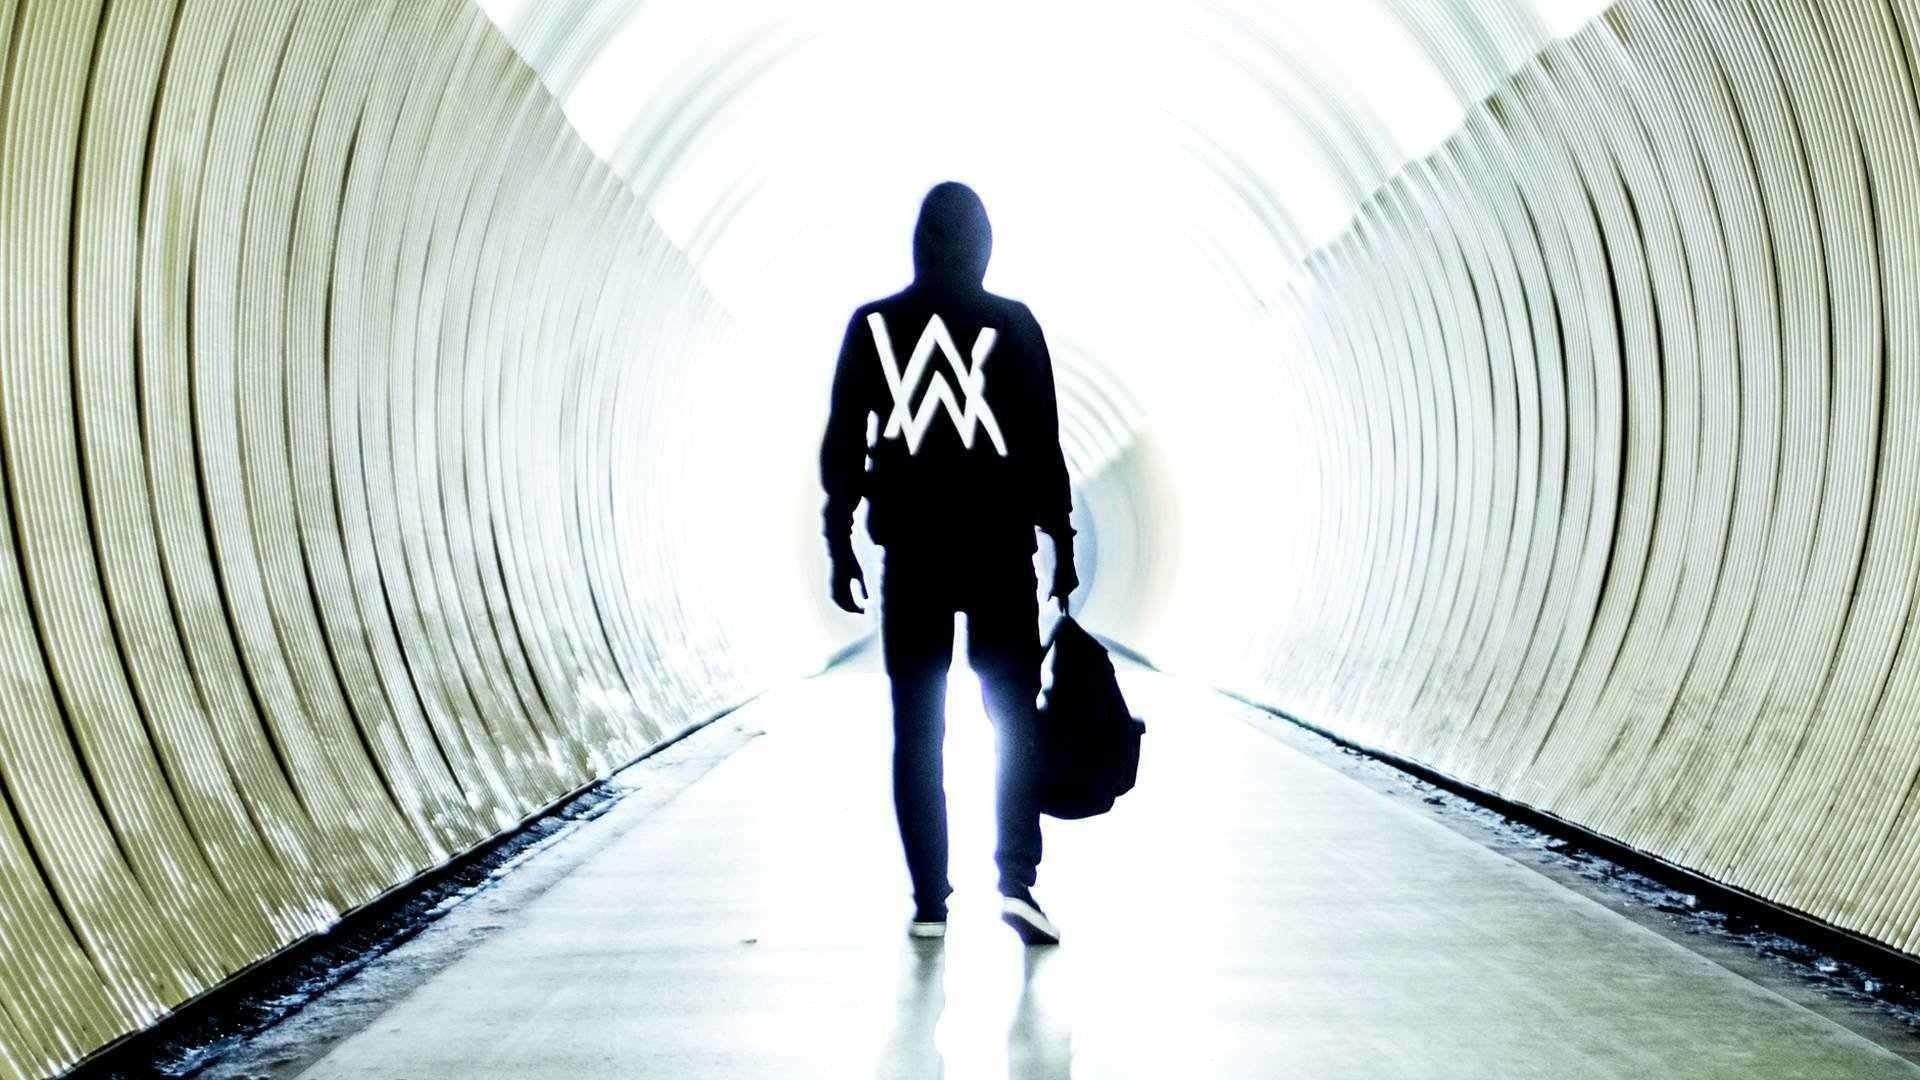 Music – Alan Walker DJ Music Wallpaper